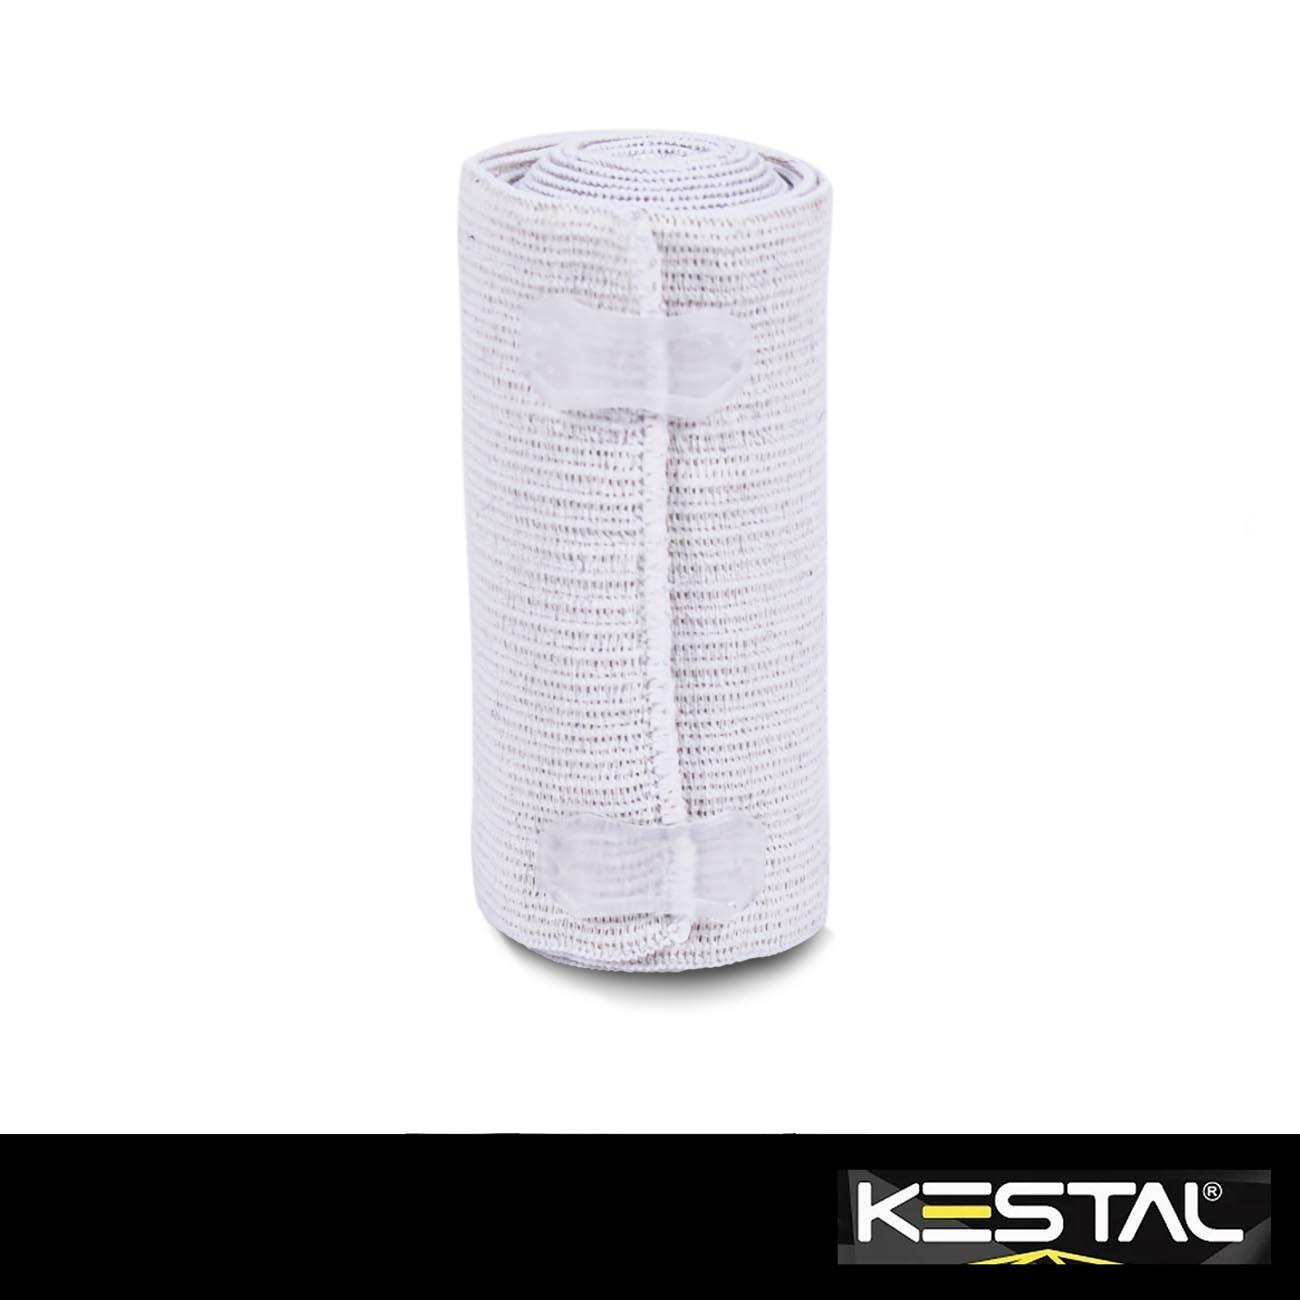 Atadura Elástica Média Compressão (KSO102) - Kestal